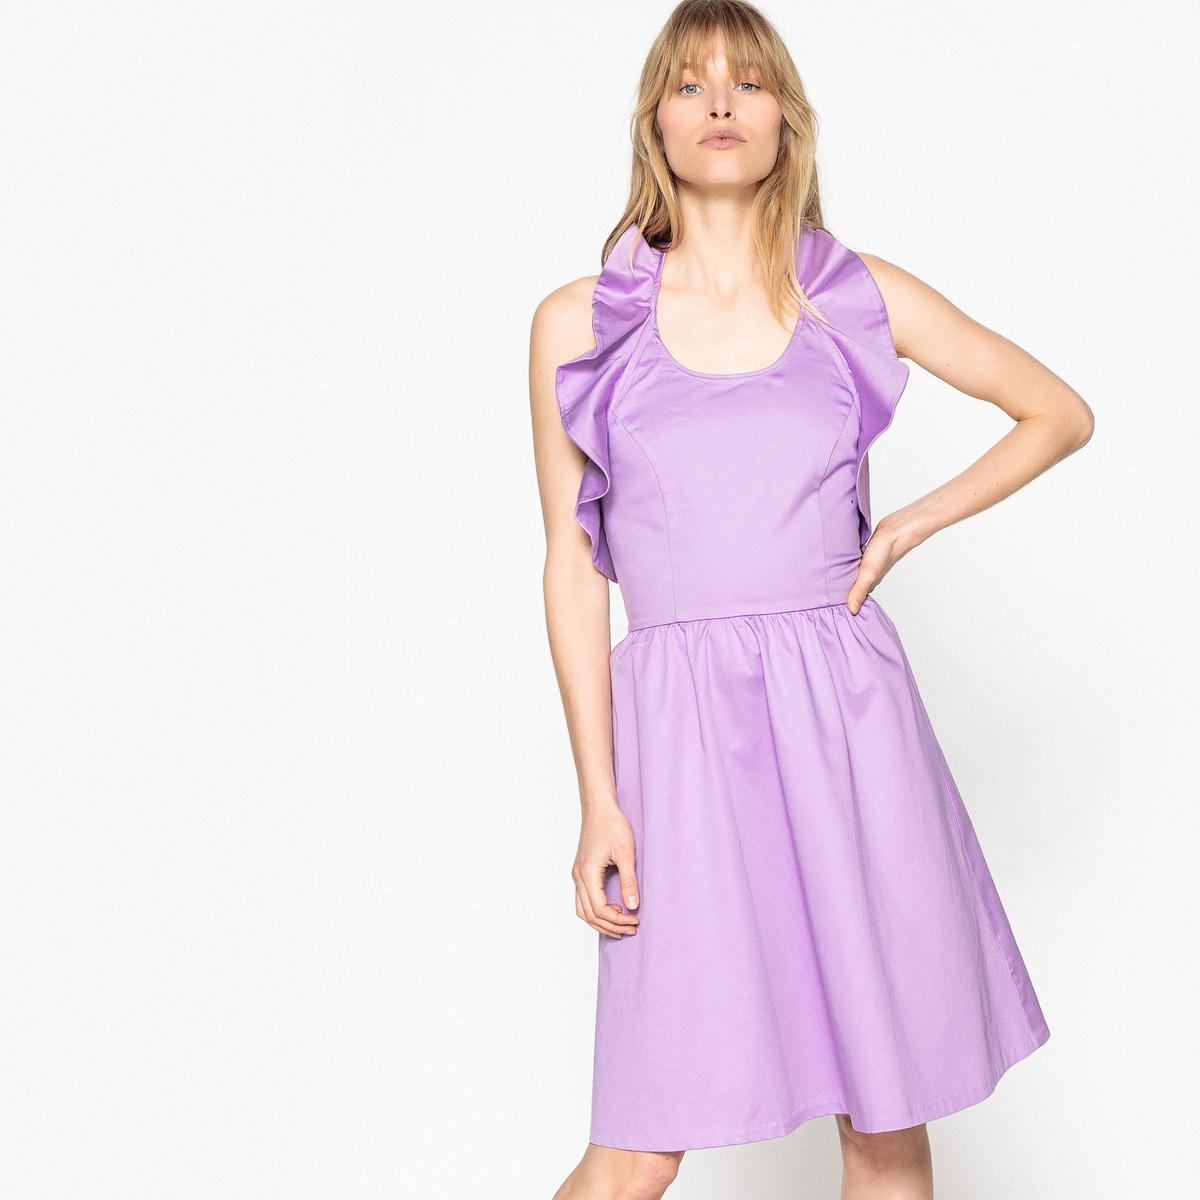 Платье La Redoute Расклешенное с открытой спинкой и воланами 34 (FR) - 40 (RUS) розовый candy girl платье голубое с открытой спинкой